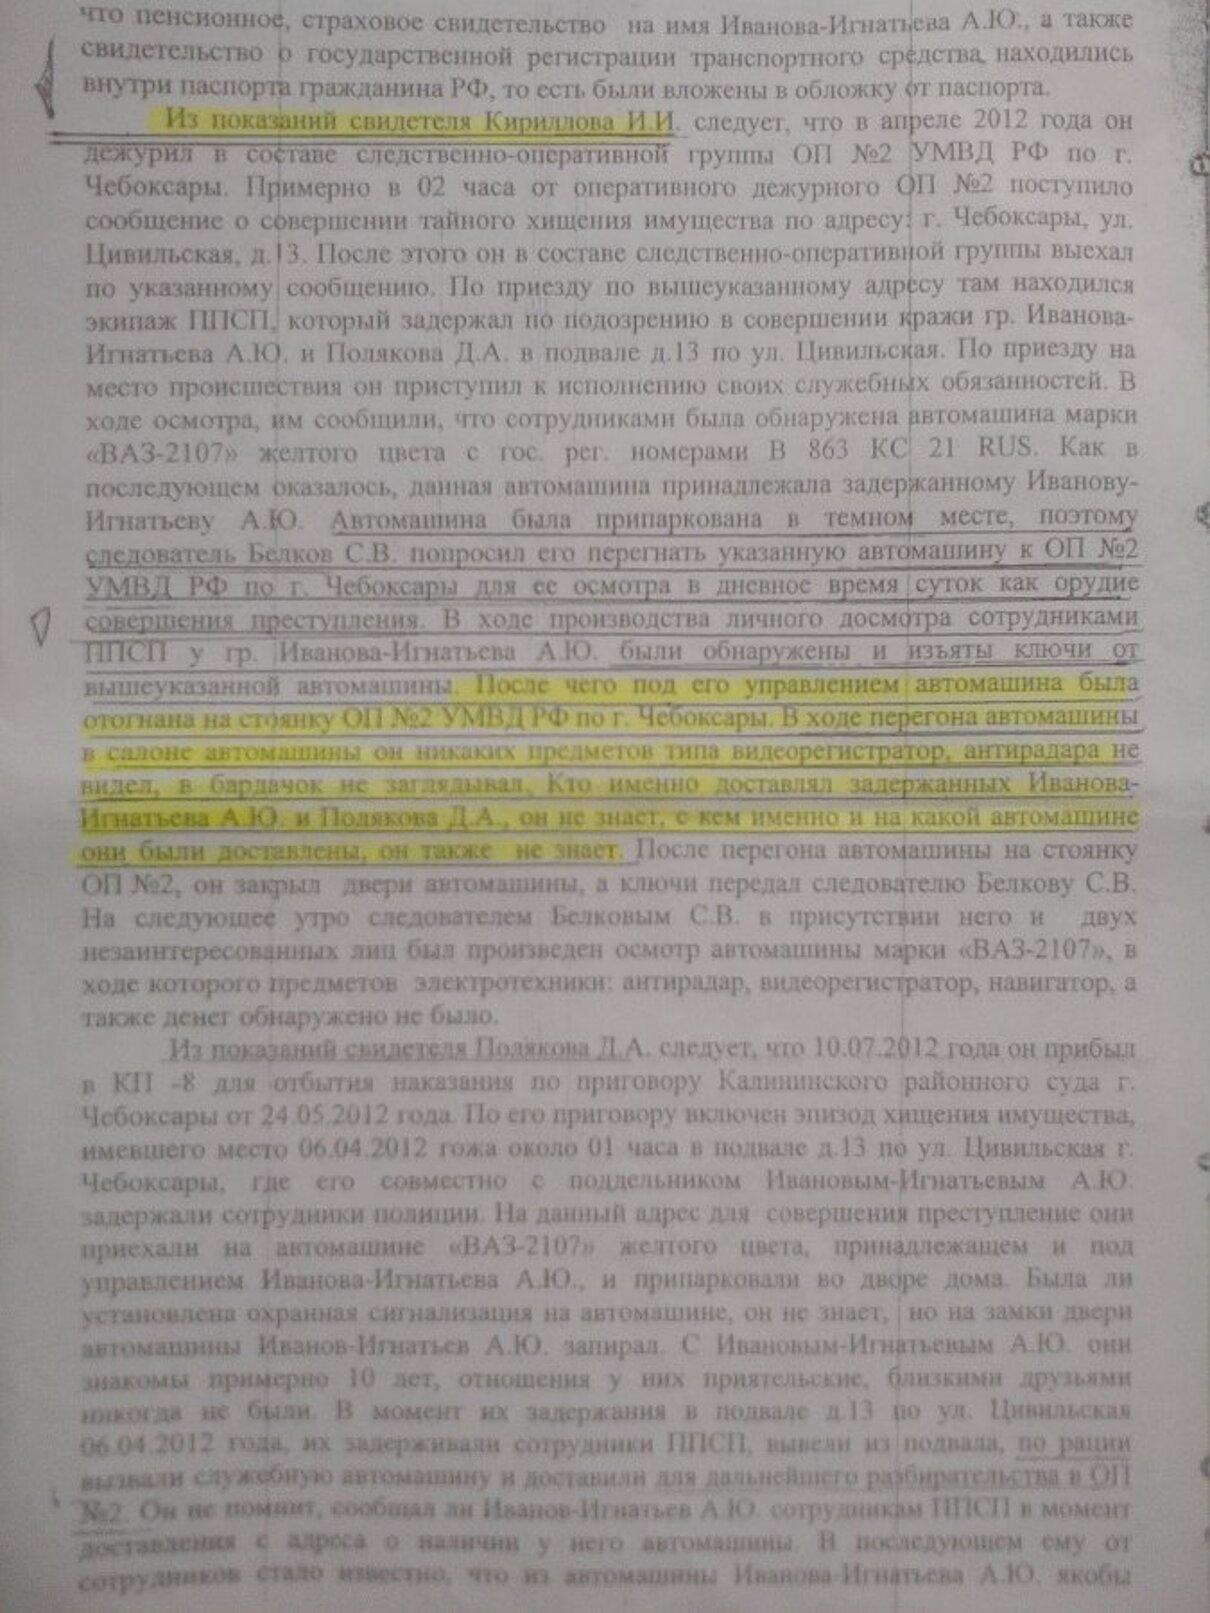 Жалоба-отзыв: Чебоксары Калининский районный суд - У прокурора у В.Я.Гриня - много всякого вранья.  Фото №3